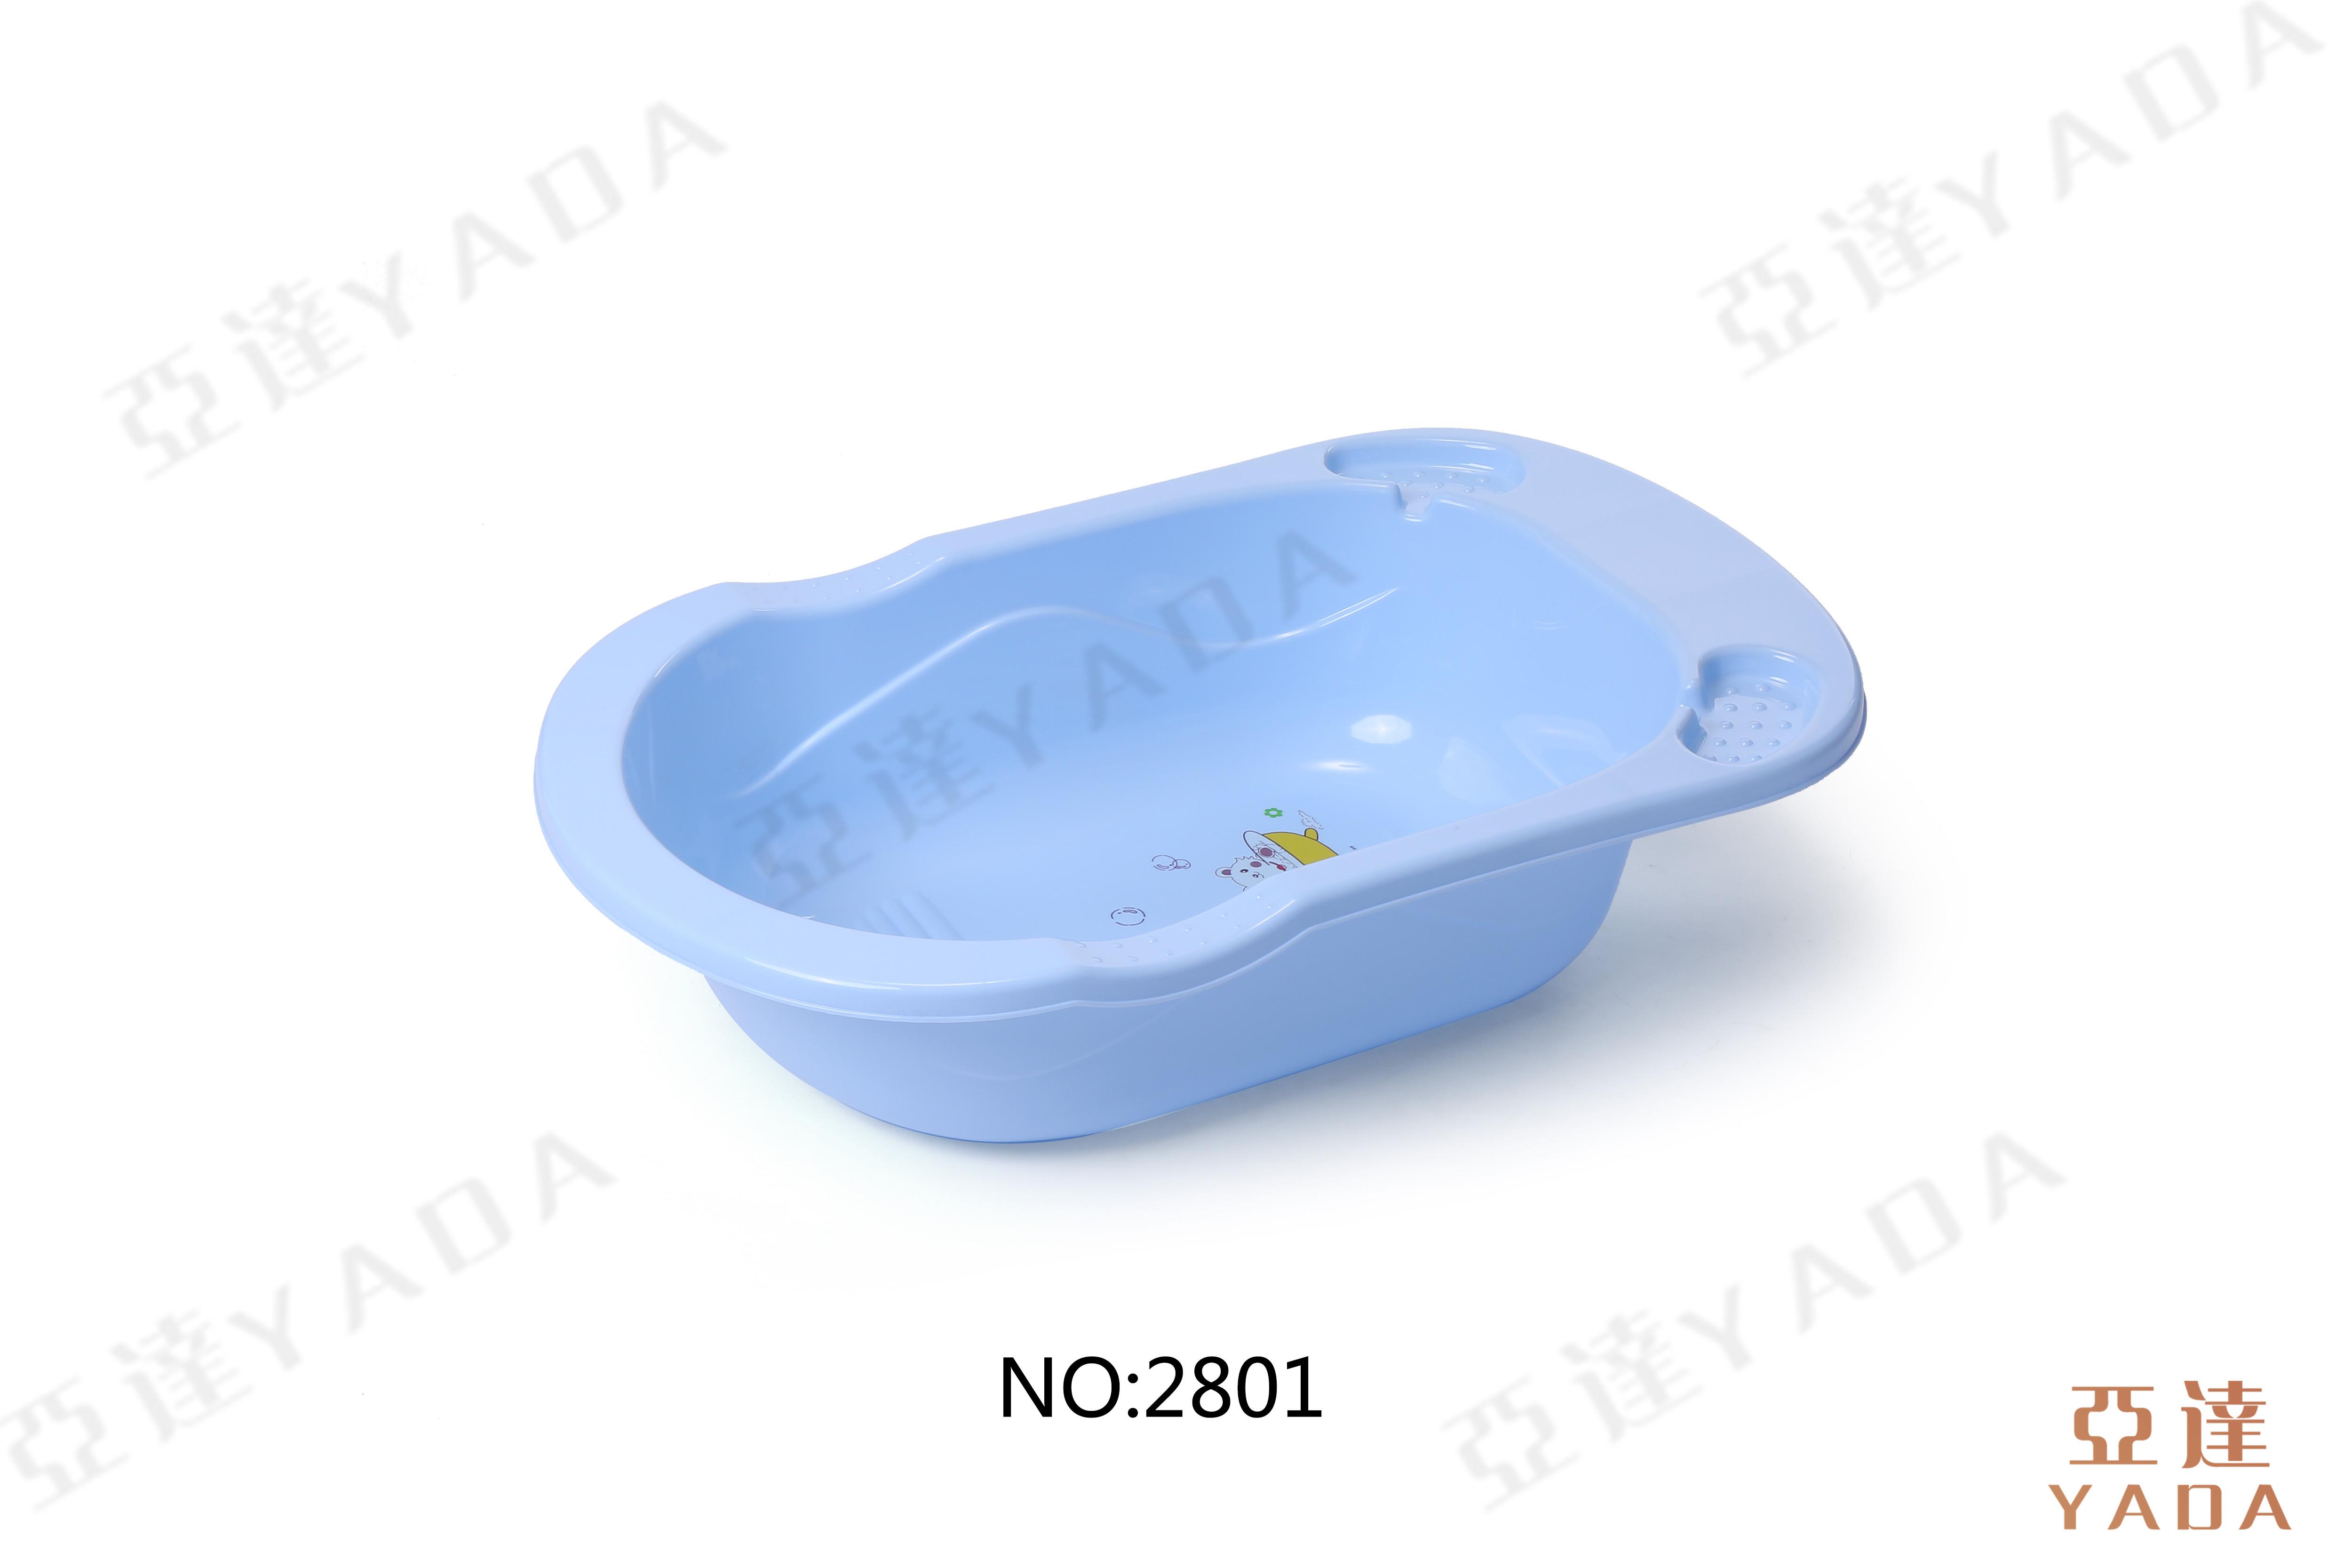 2801嬰兒盆-CH2A2626